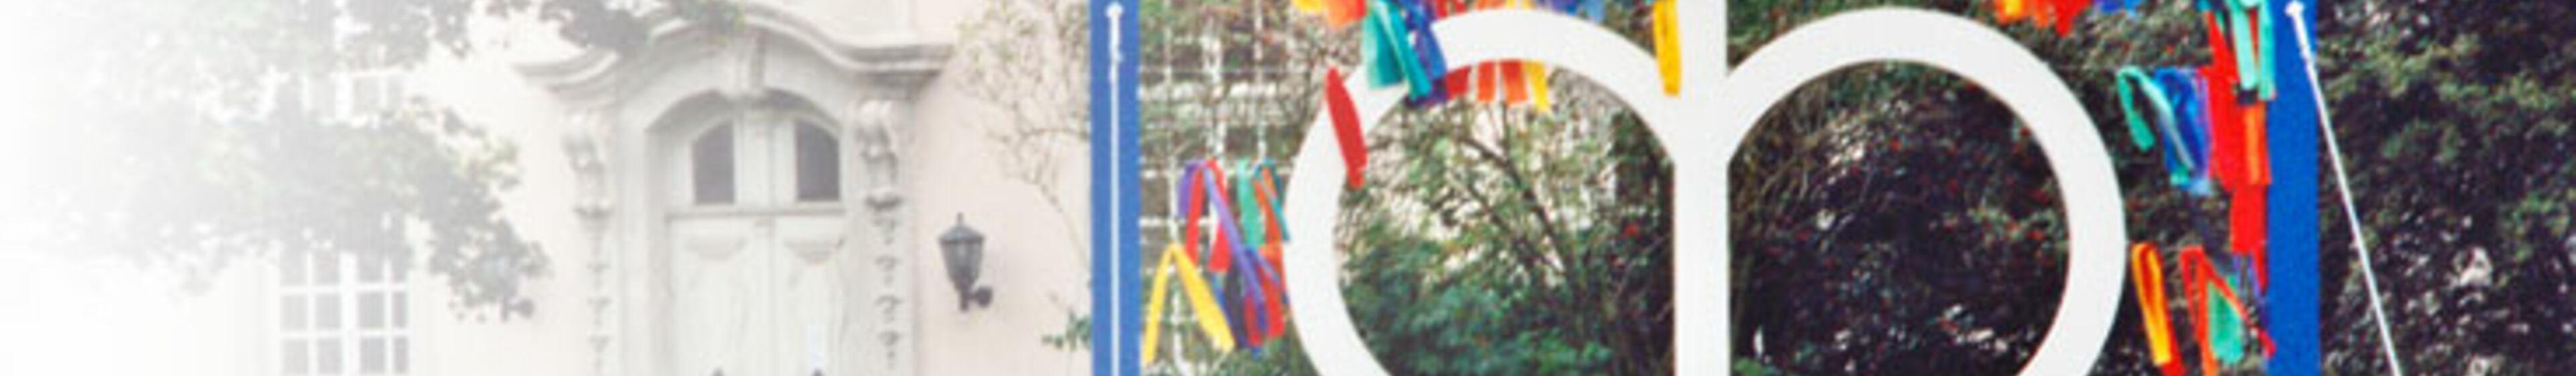 kronenkreuz01